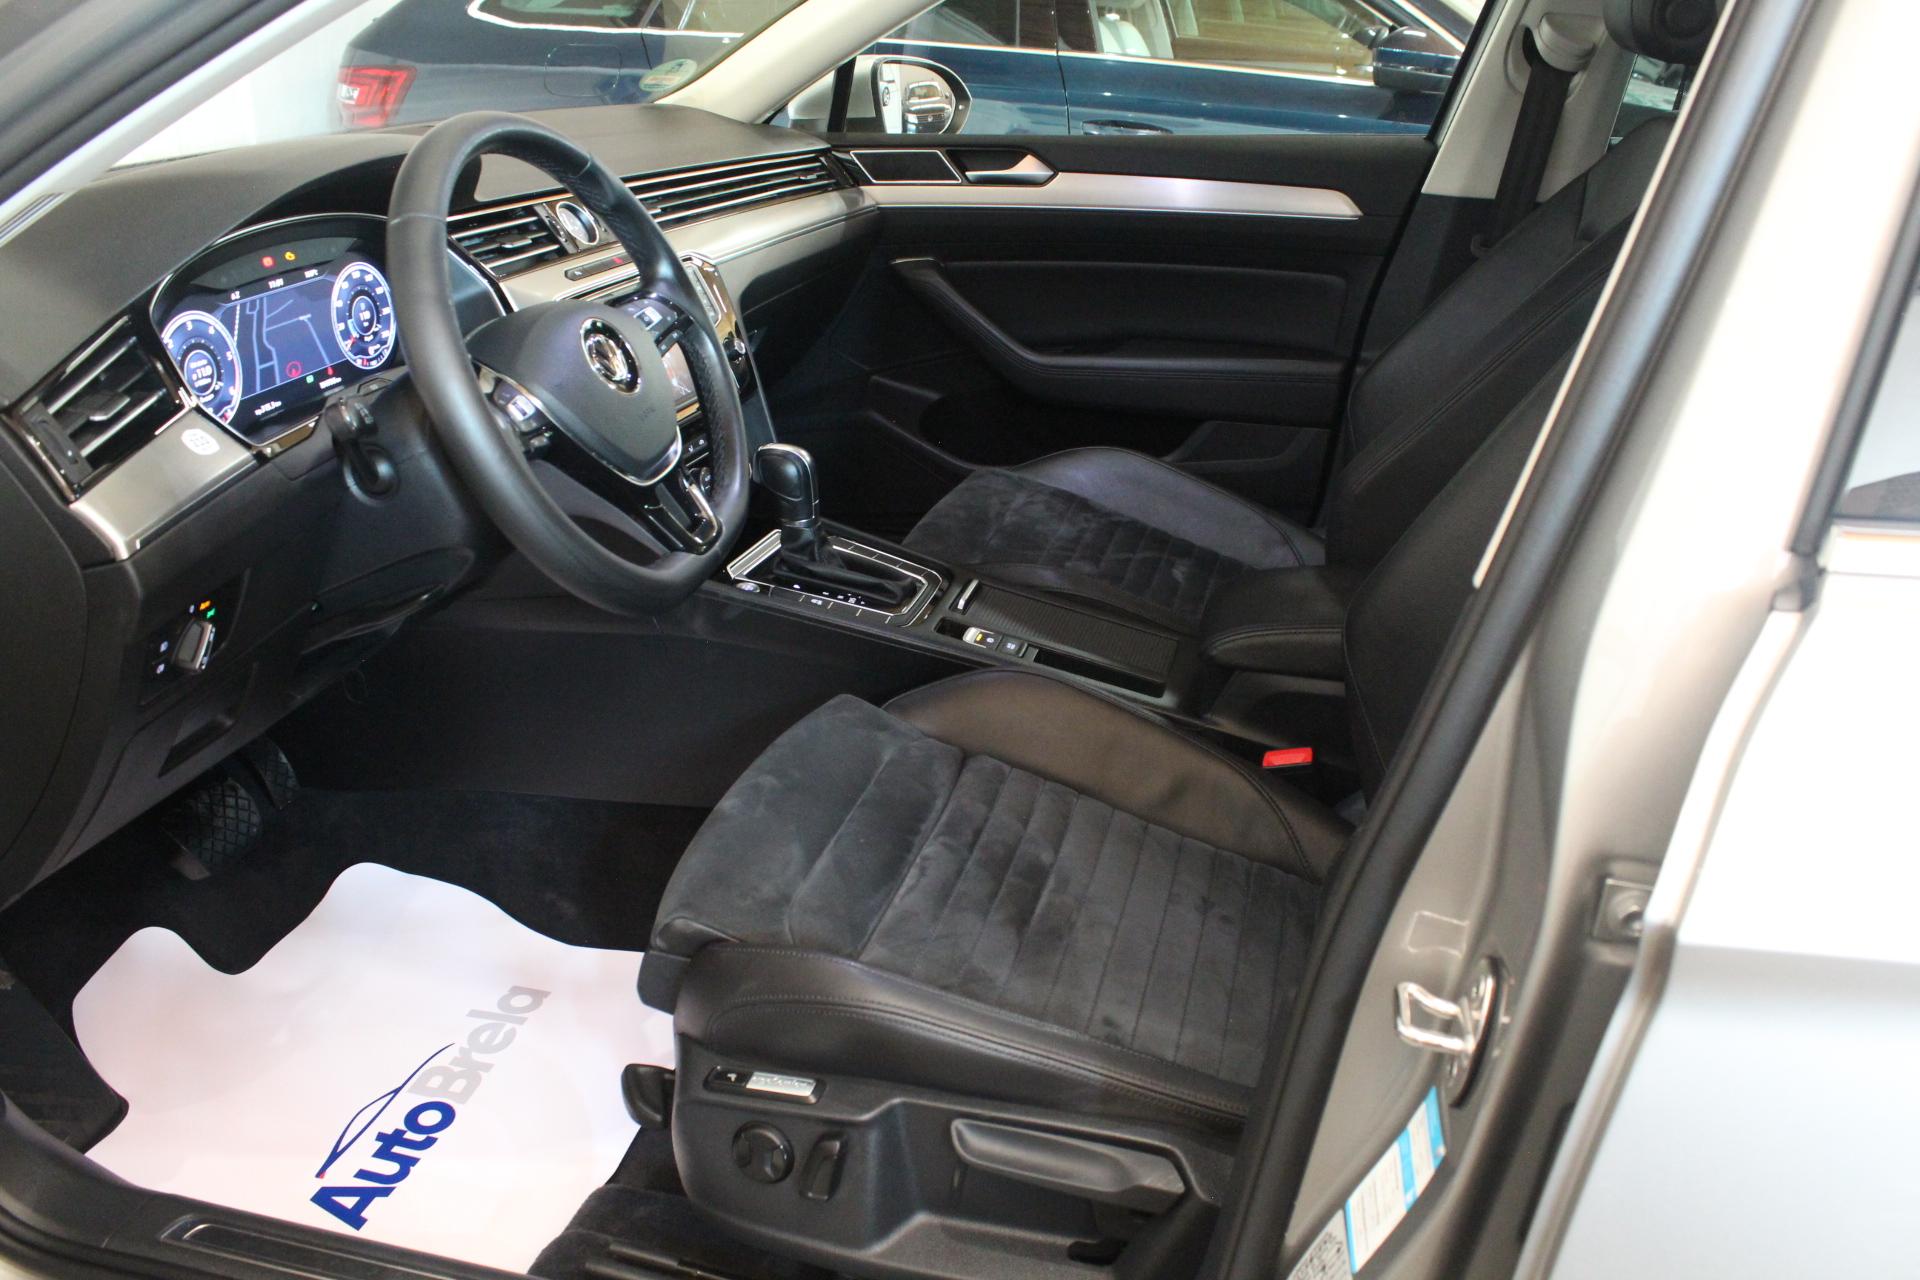 VW Passat B8 2.0 TDI DSG Highline Active Info display 12″ - AutoBrela obrázek